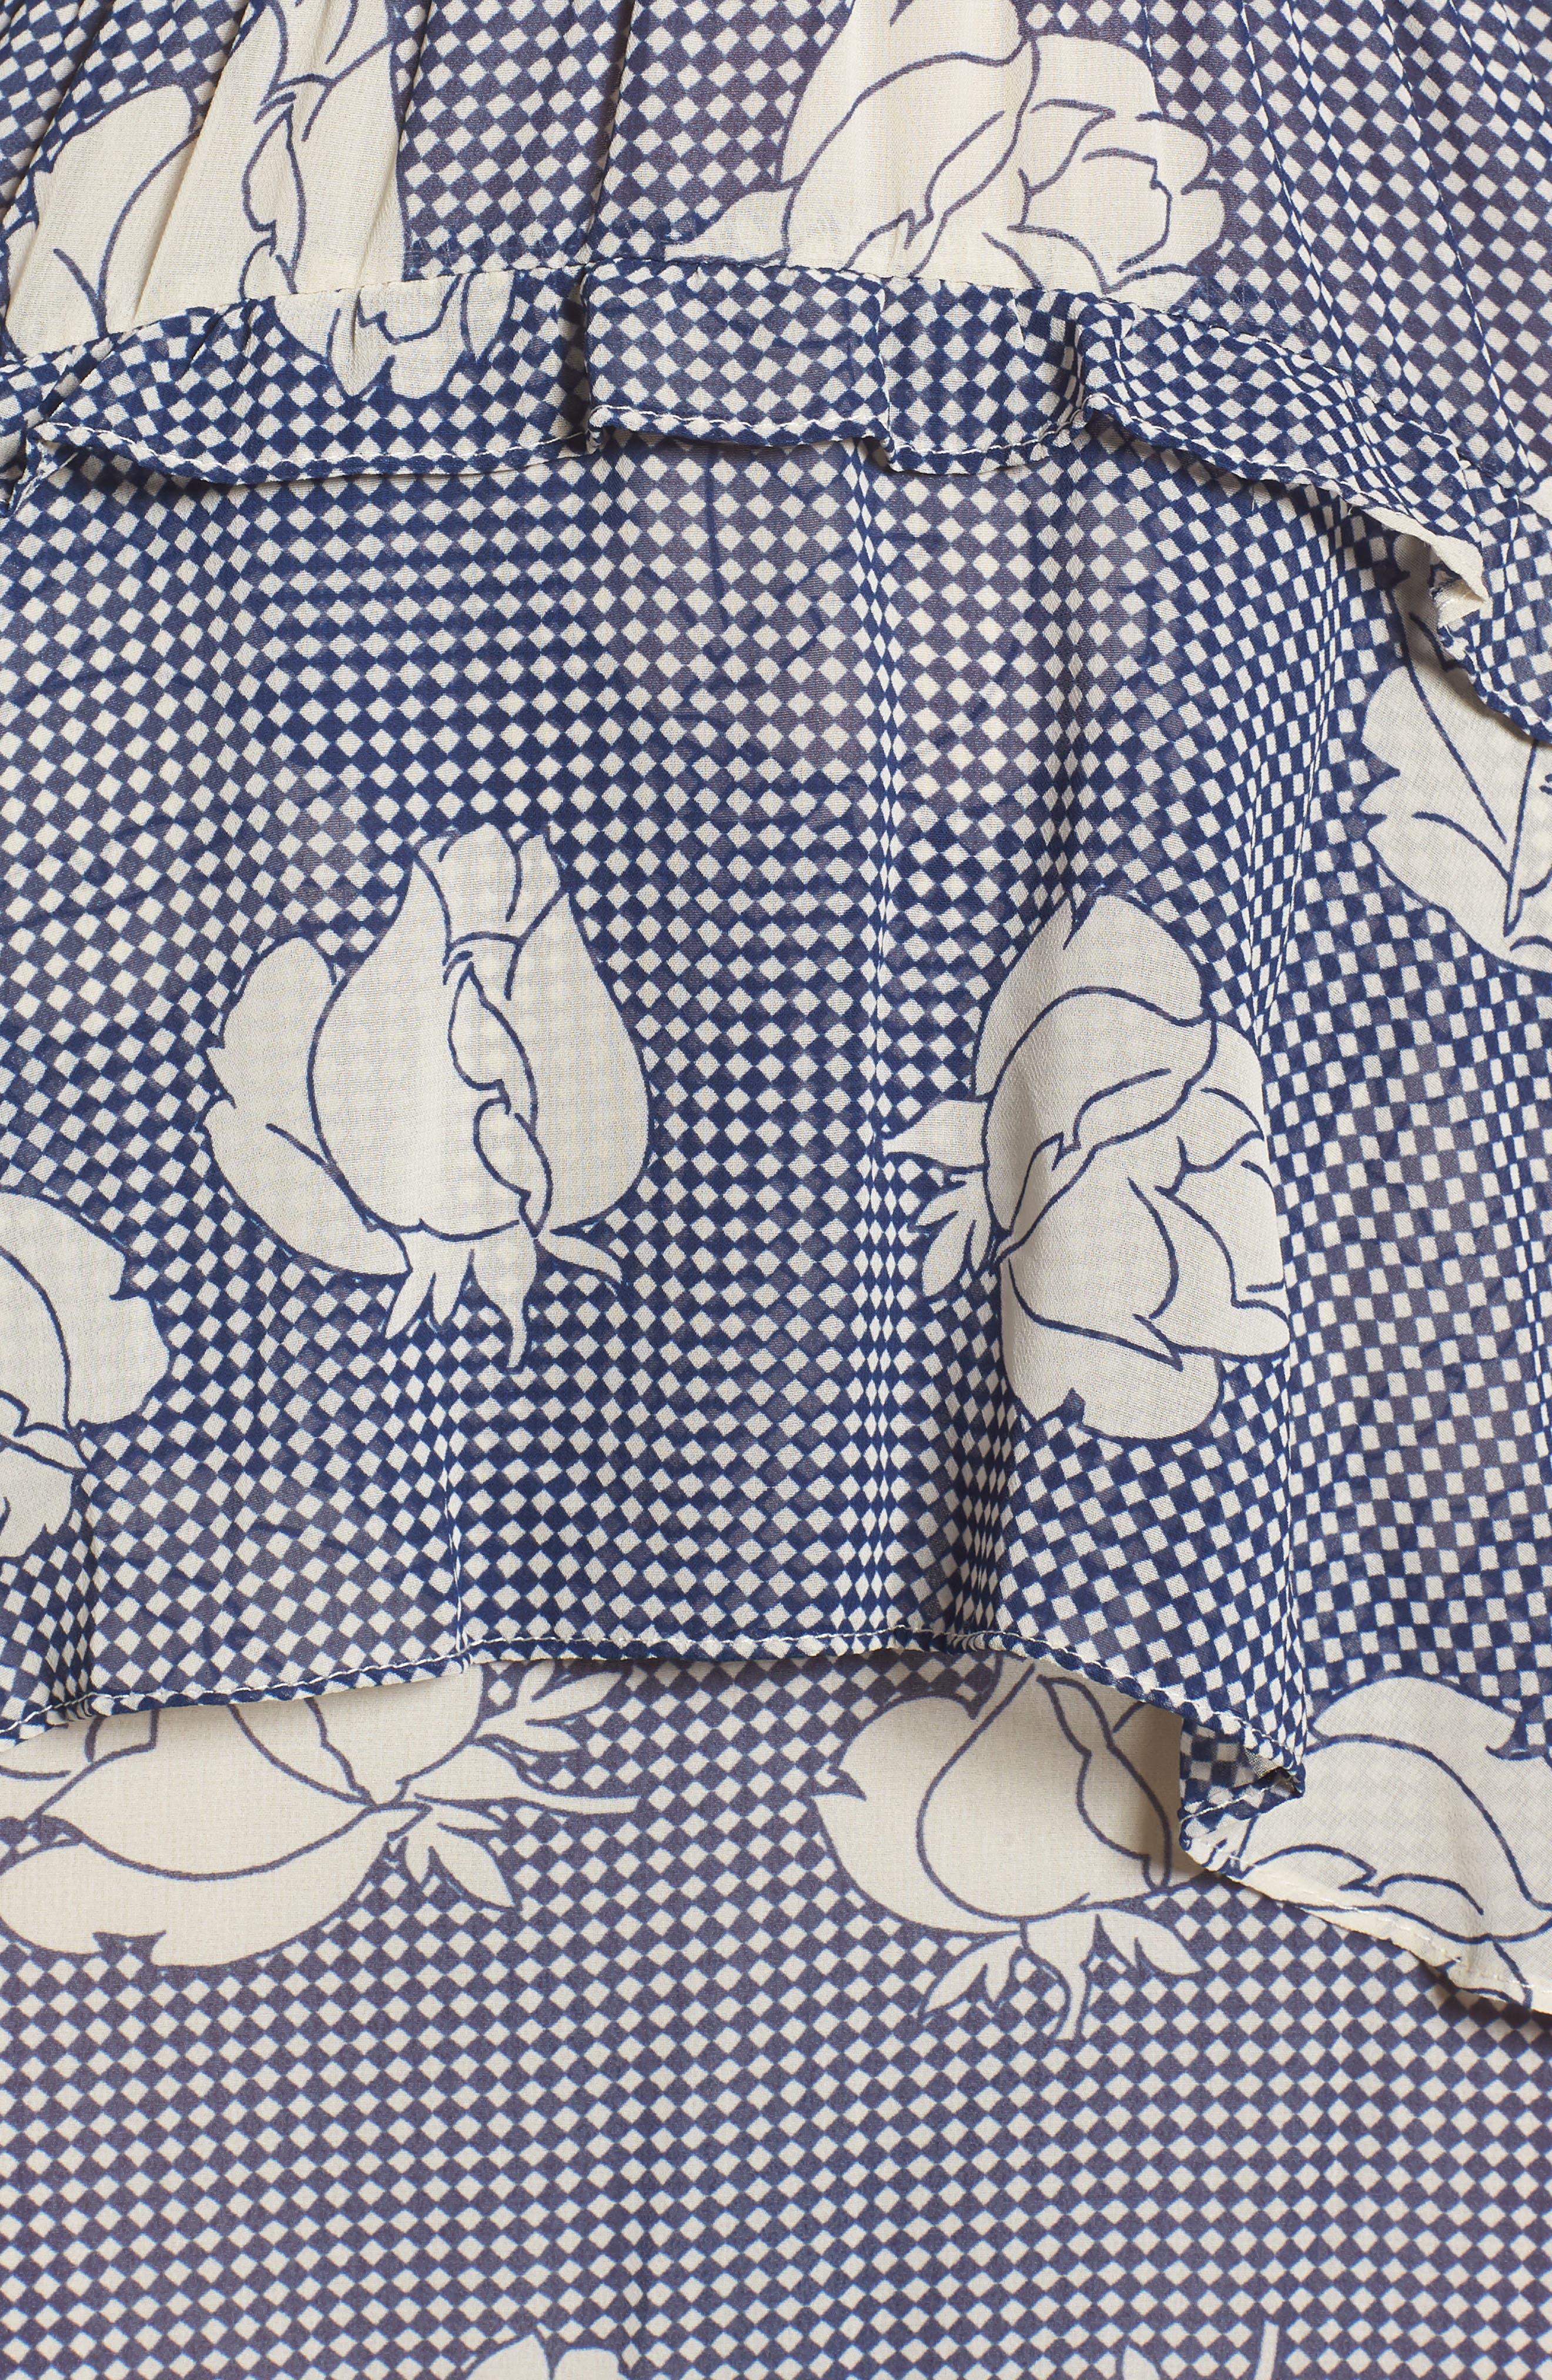 Anca Halter Dress,                             Alternate thumbnail 6, color,                             Multi Fe12